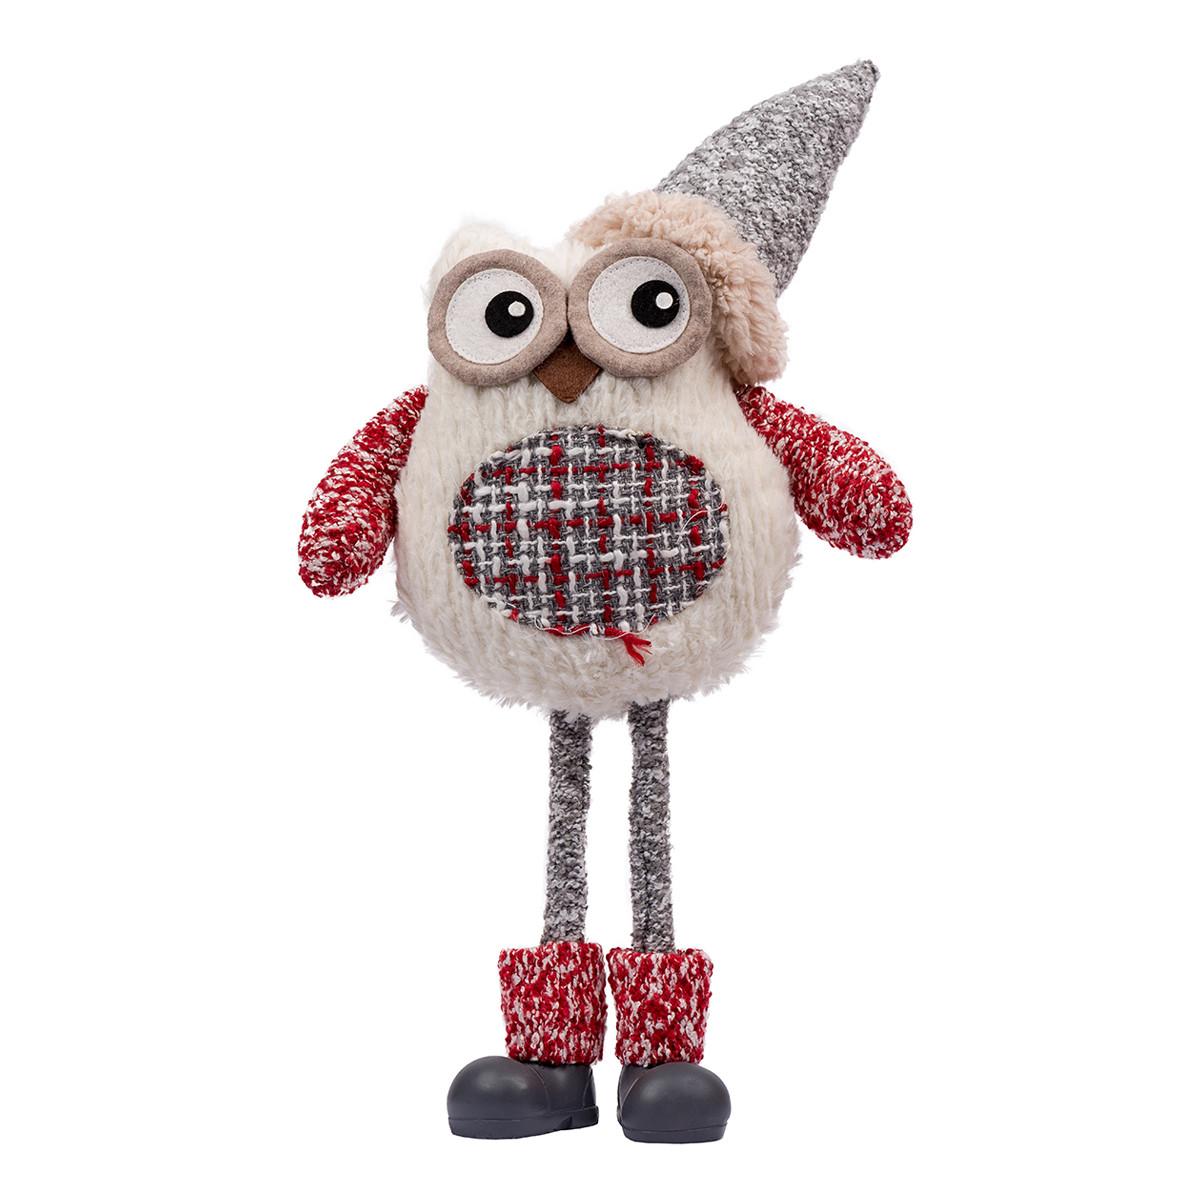 Новогодняя мягкая игрушка Novogod'ko «Сова в колпачке», 42 см